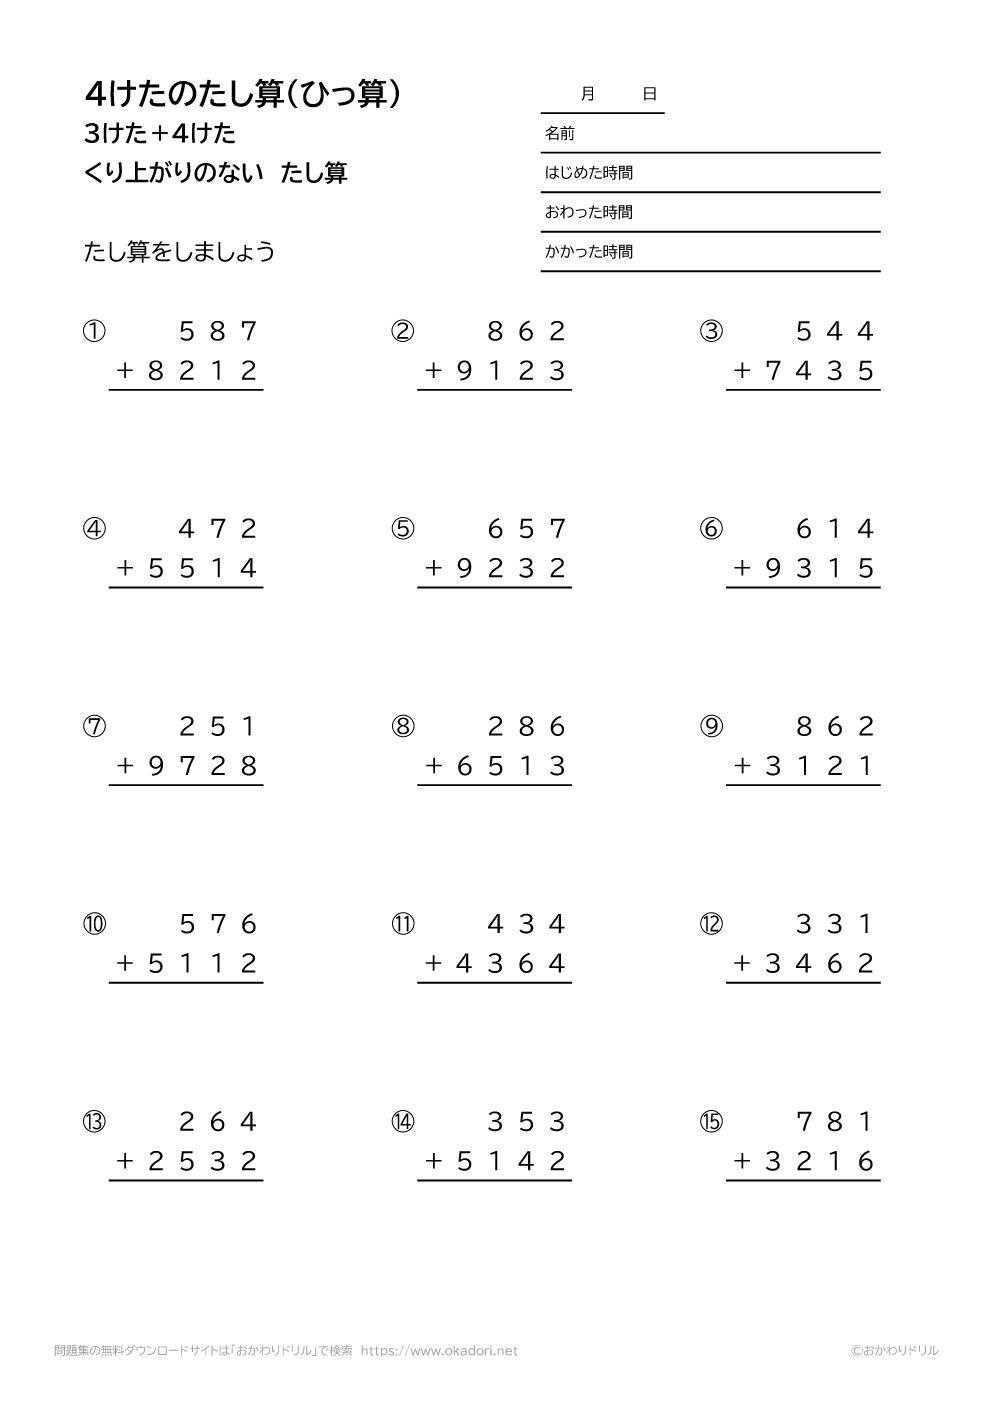 3桁+4桁の繰り上がりの無い足し算の筆算1